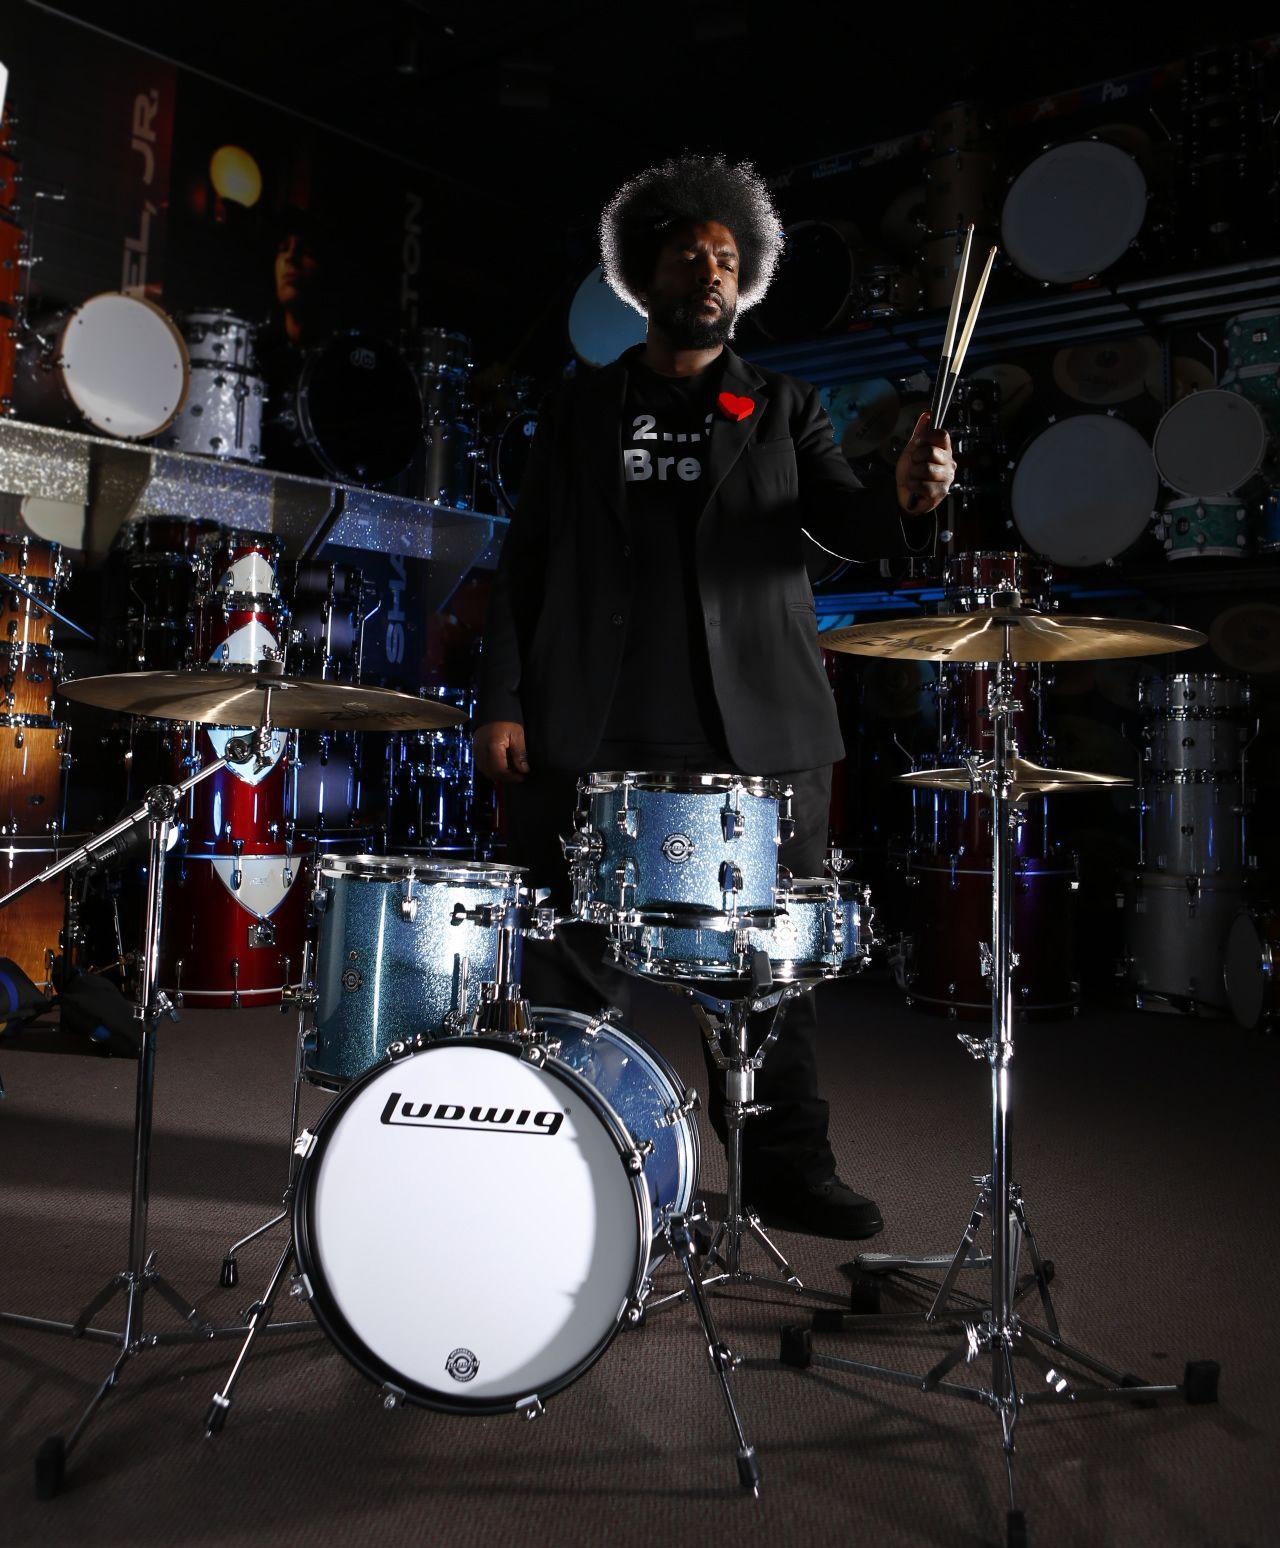 Breakbeats Drums, Ludwig drums, Drum set